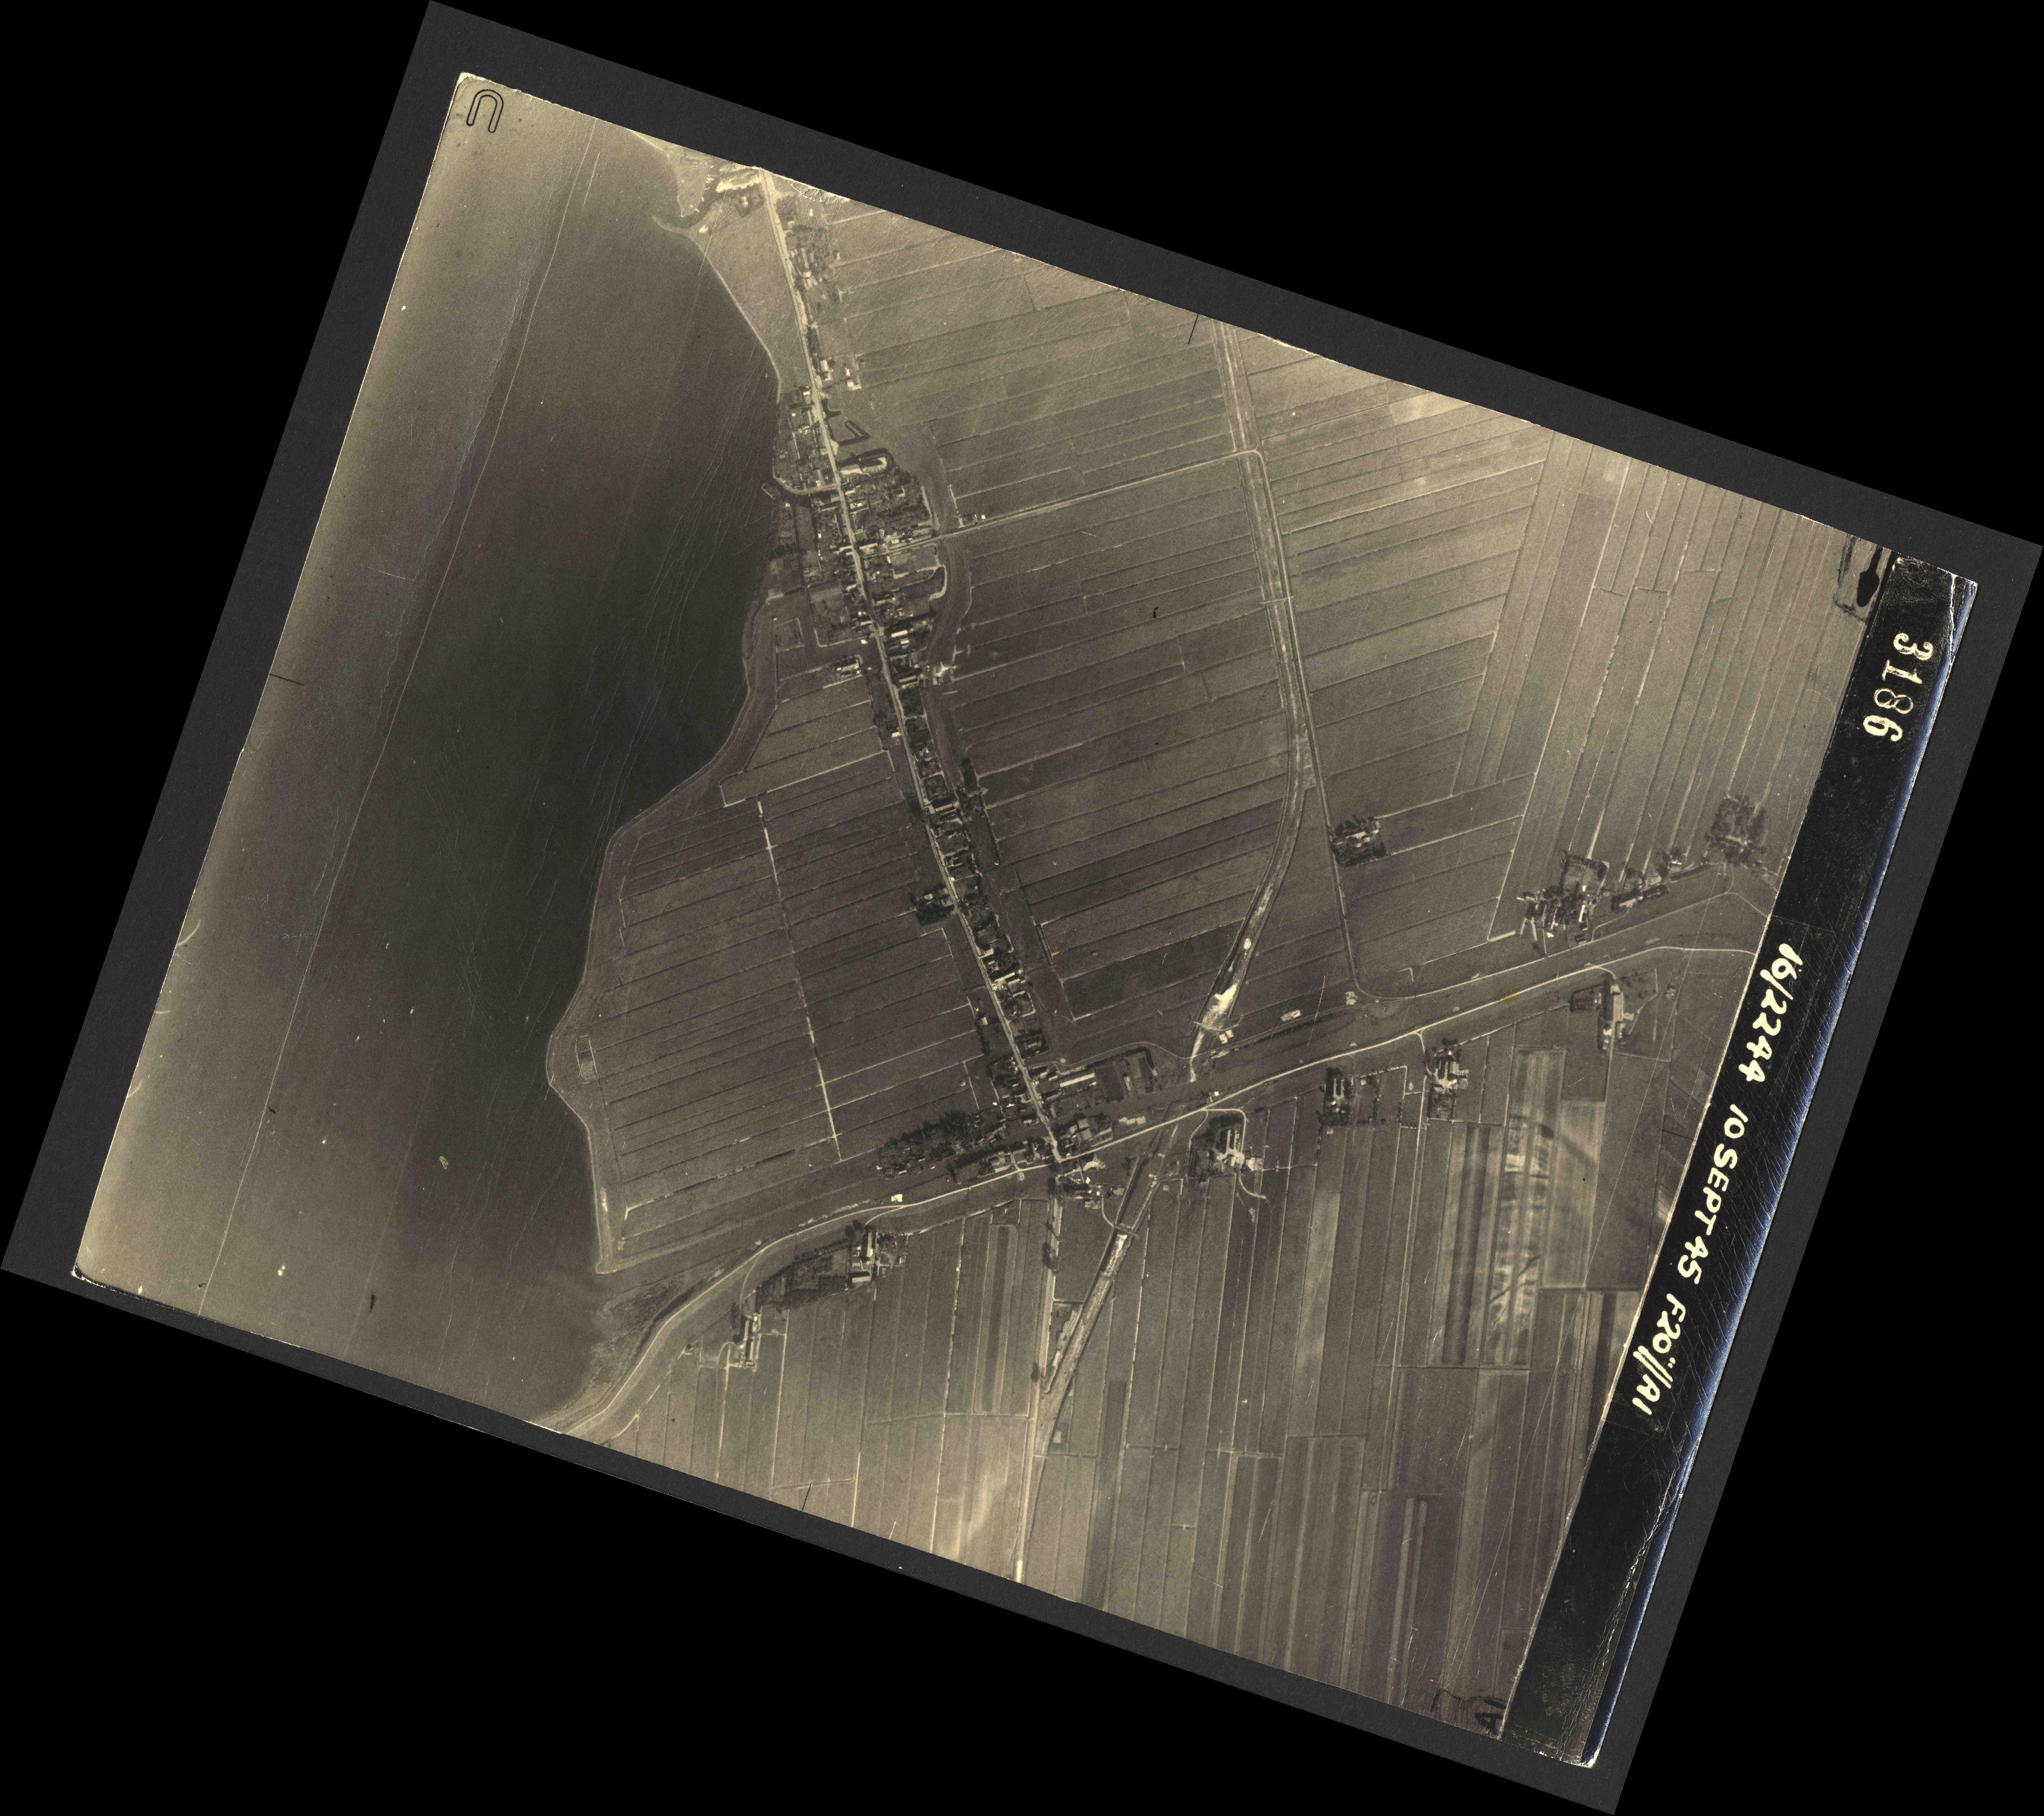 Collection RAF aerial photos 1940-1945 - flight 035, run 14, photo 3186